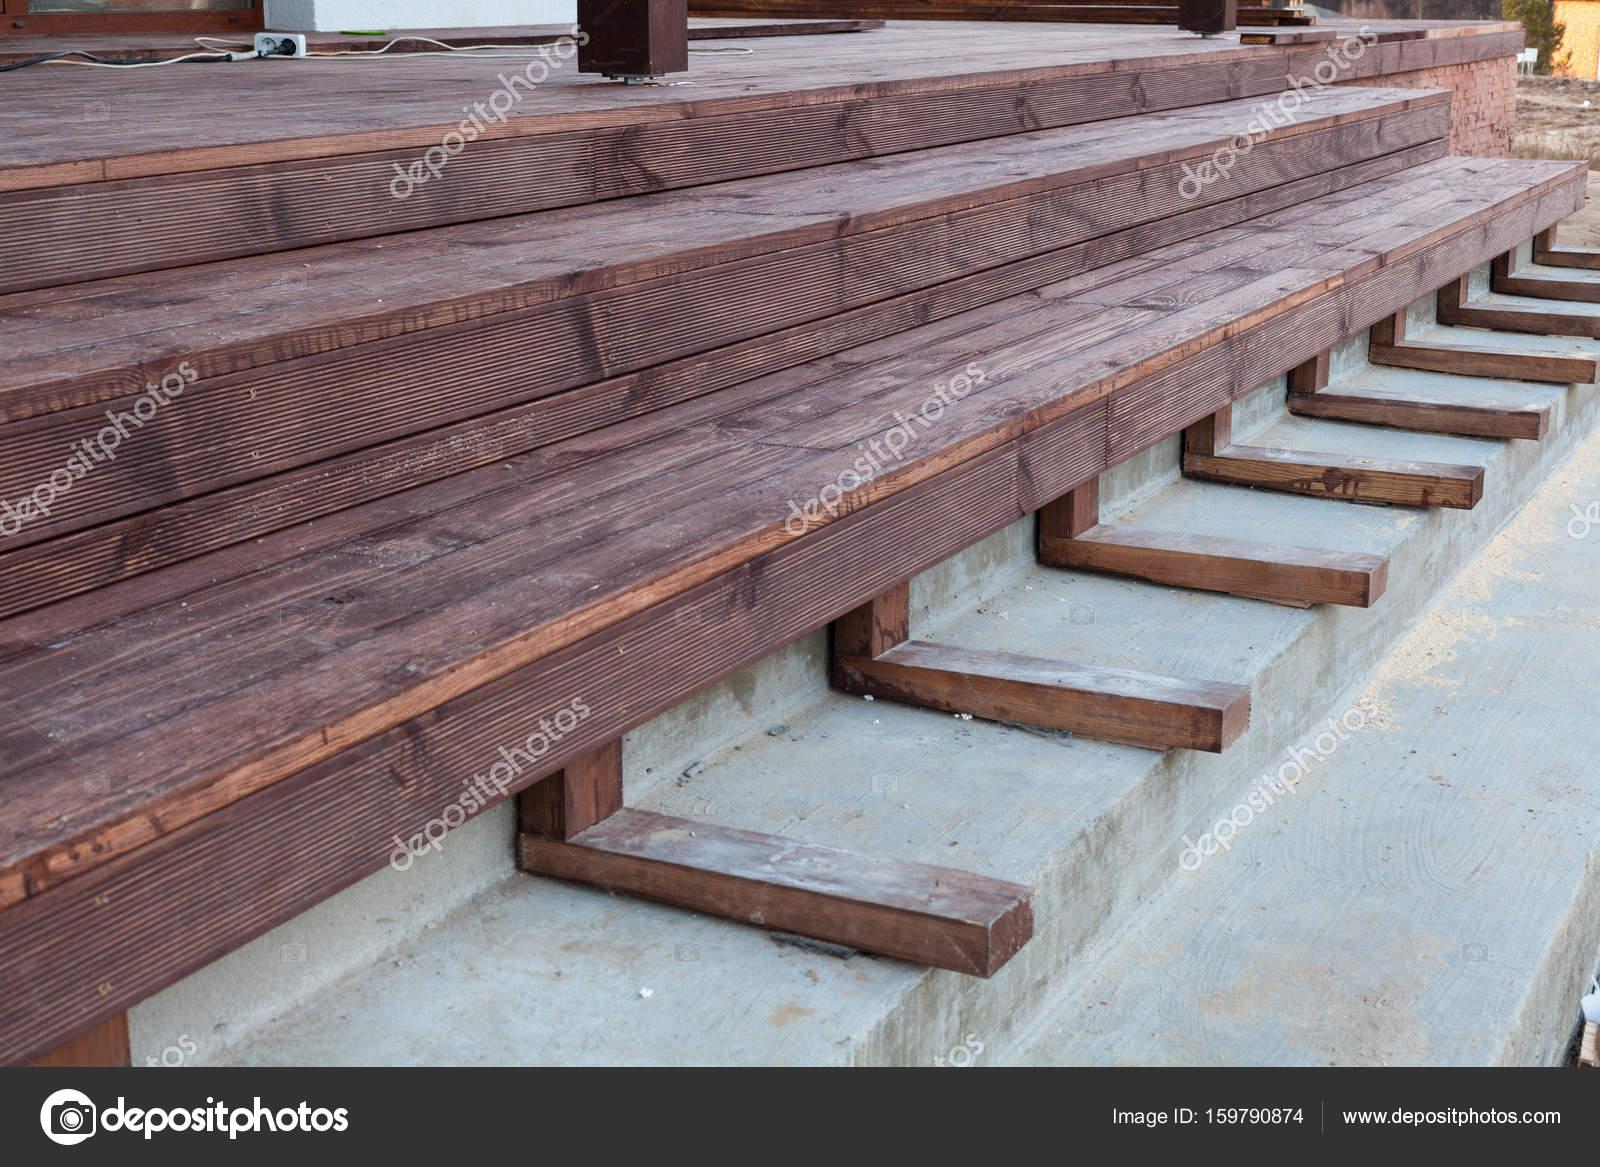 Bouwen van een trap naar het houten terras stockfoto for Trap bouwen